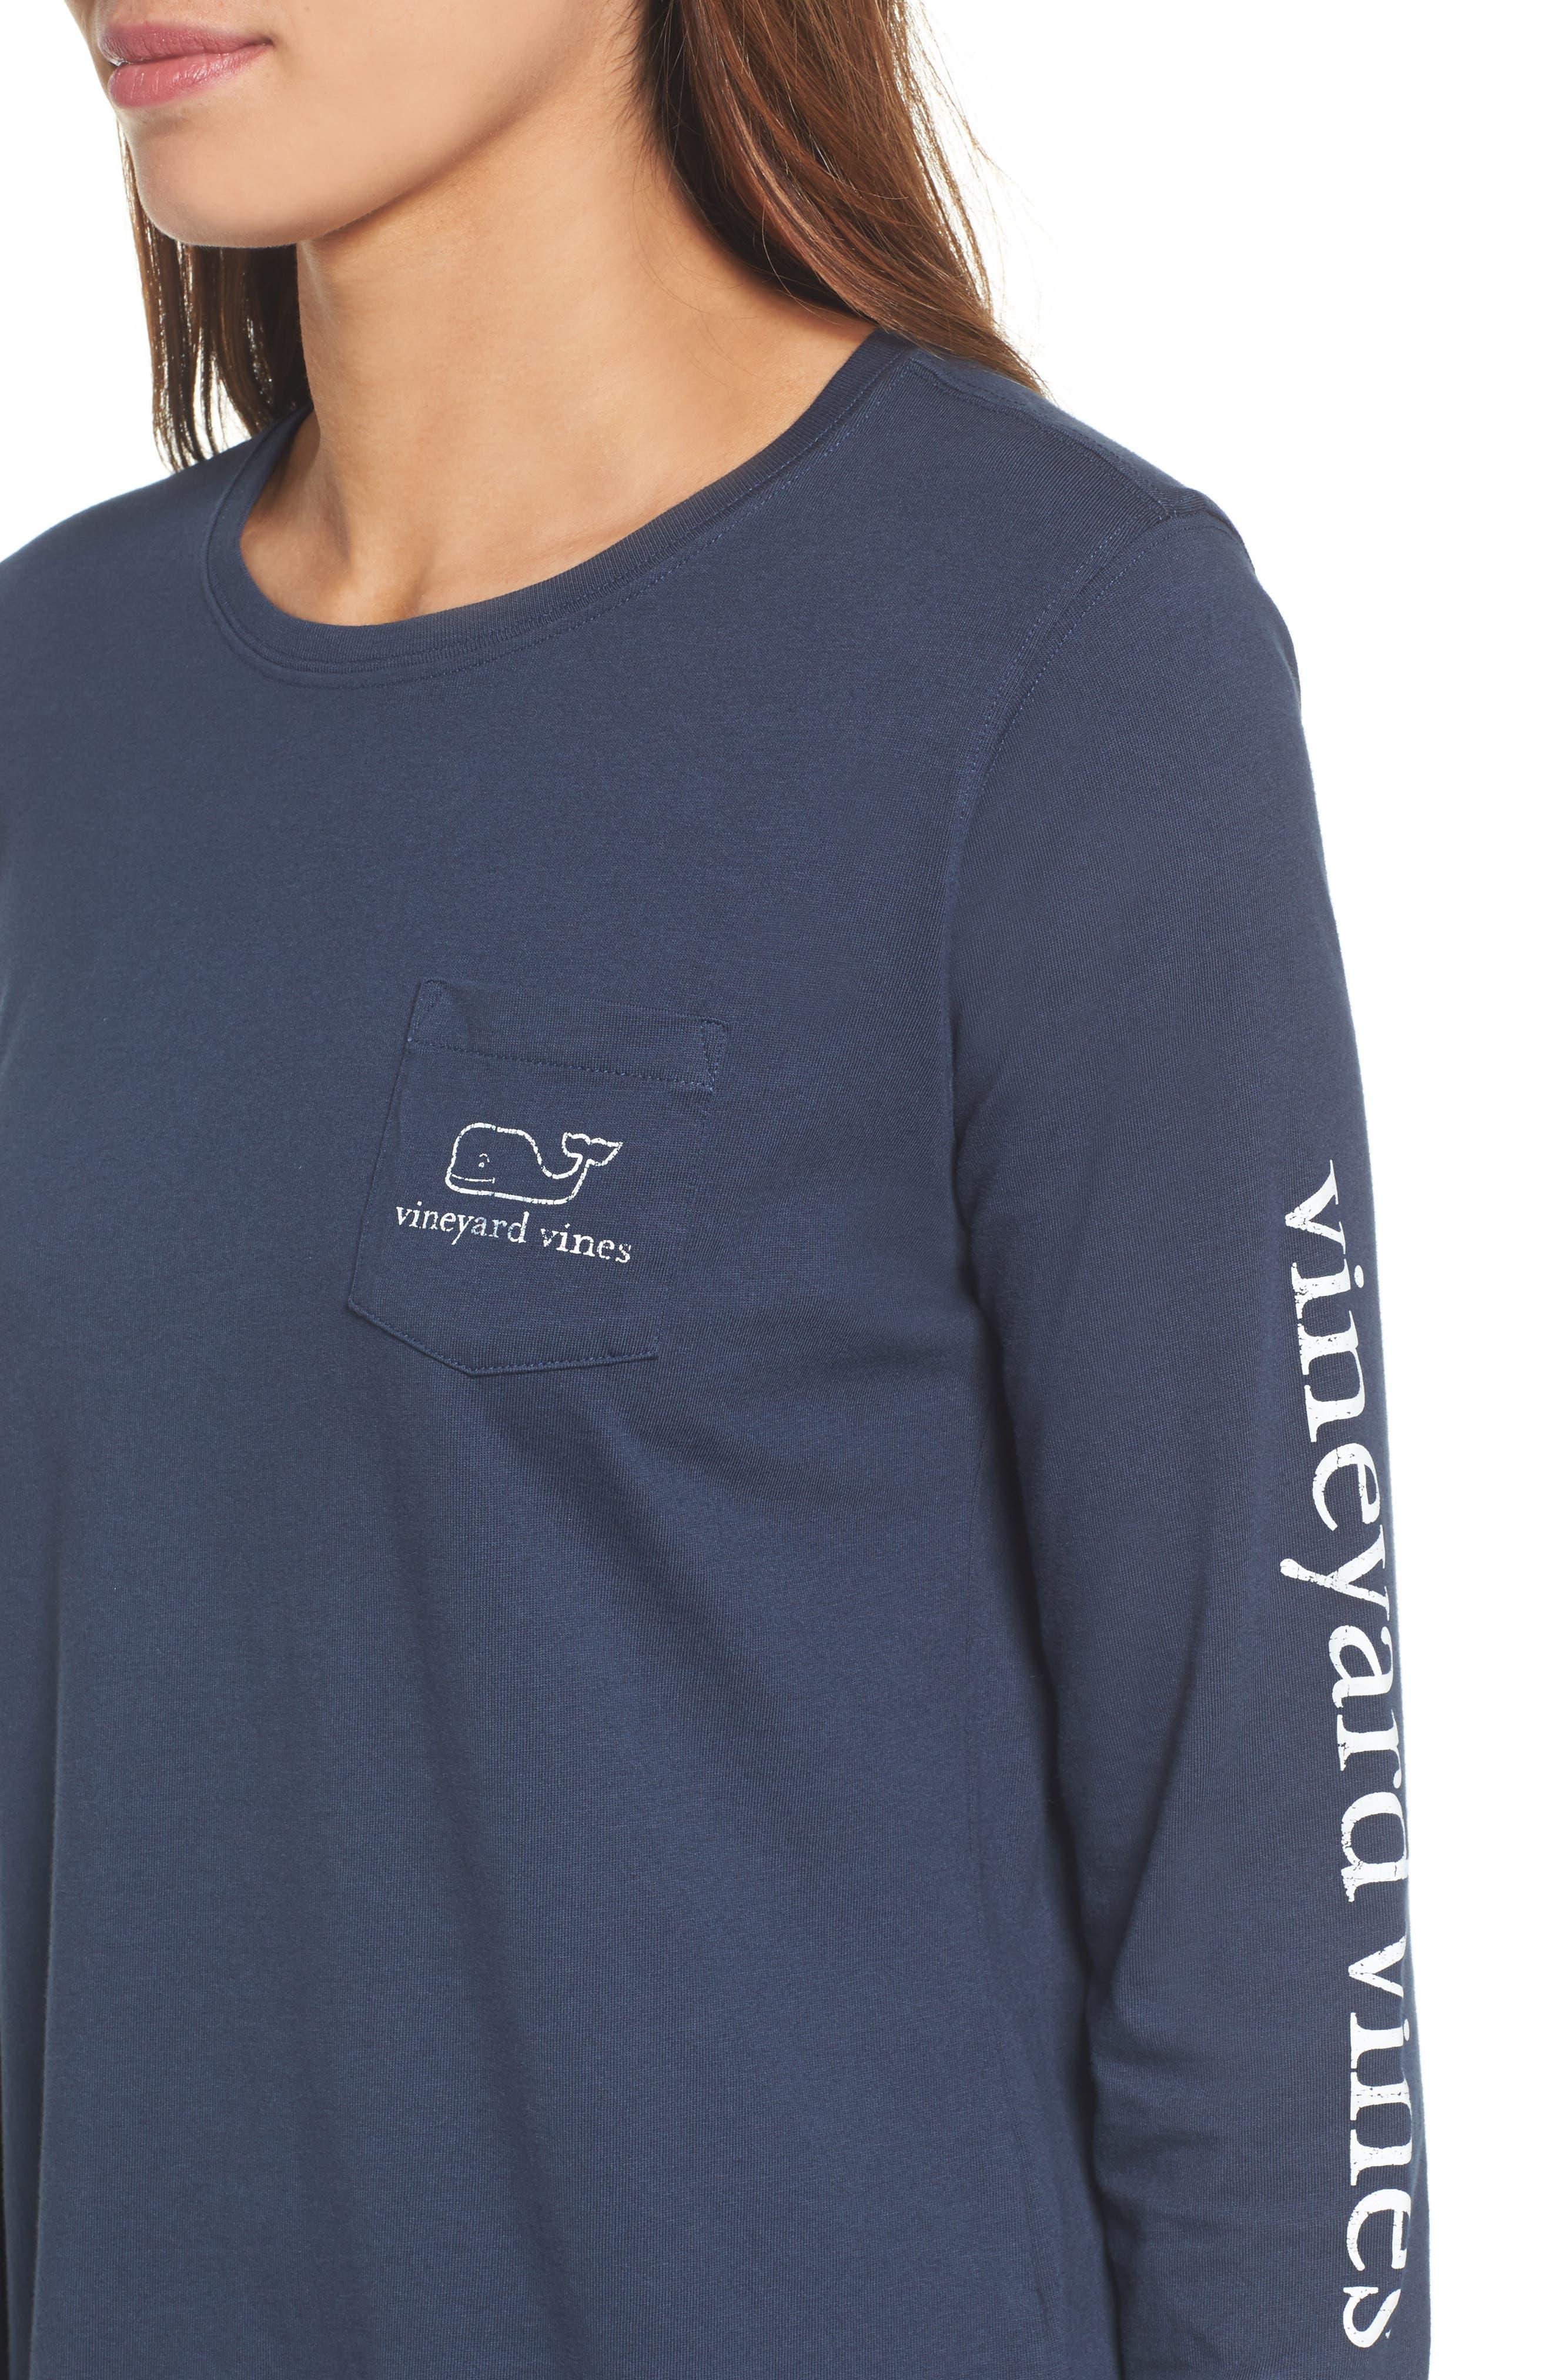 Alternate Image 4  - vineyard vines Whale Print Long Sleeve Tee